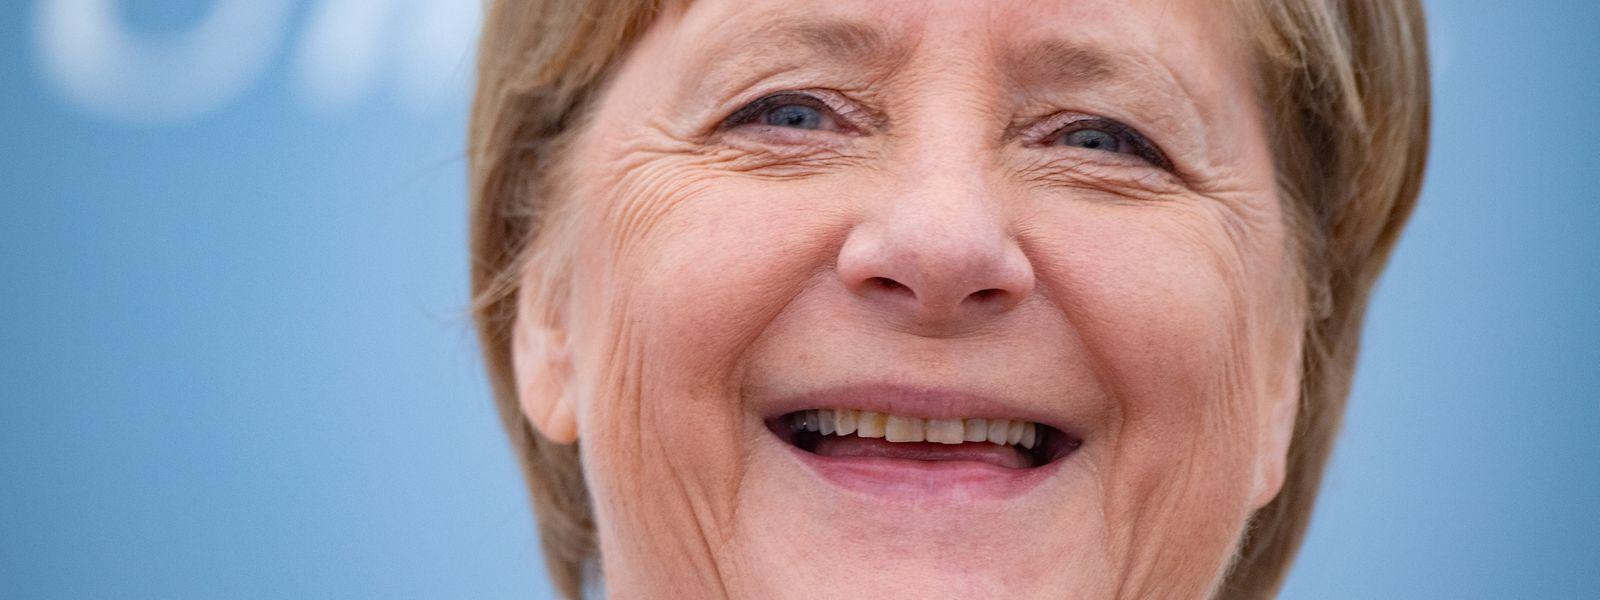 Après 16 années passées au pouvoir, Angela Merkel s'apprête à quitter le poste de chancelière d'Allemagne en laissant un héritage politique que son successeur pourra assumer ou renier.